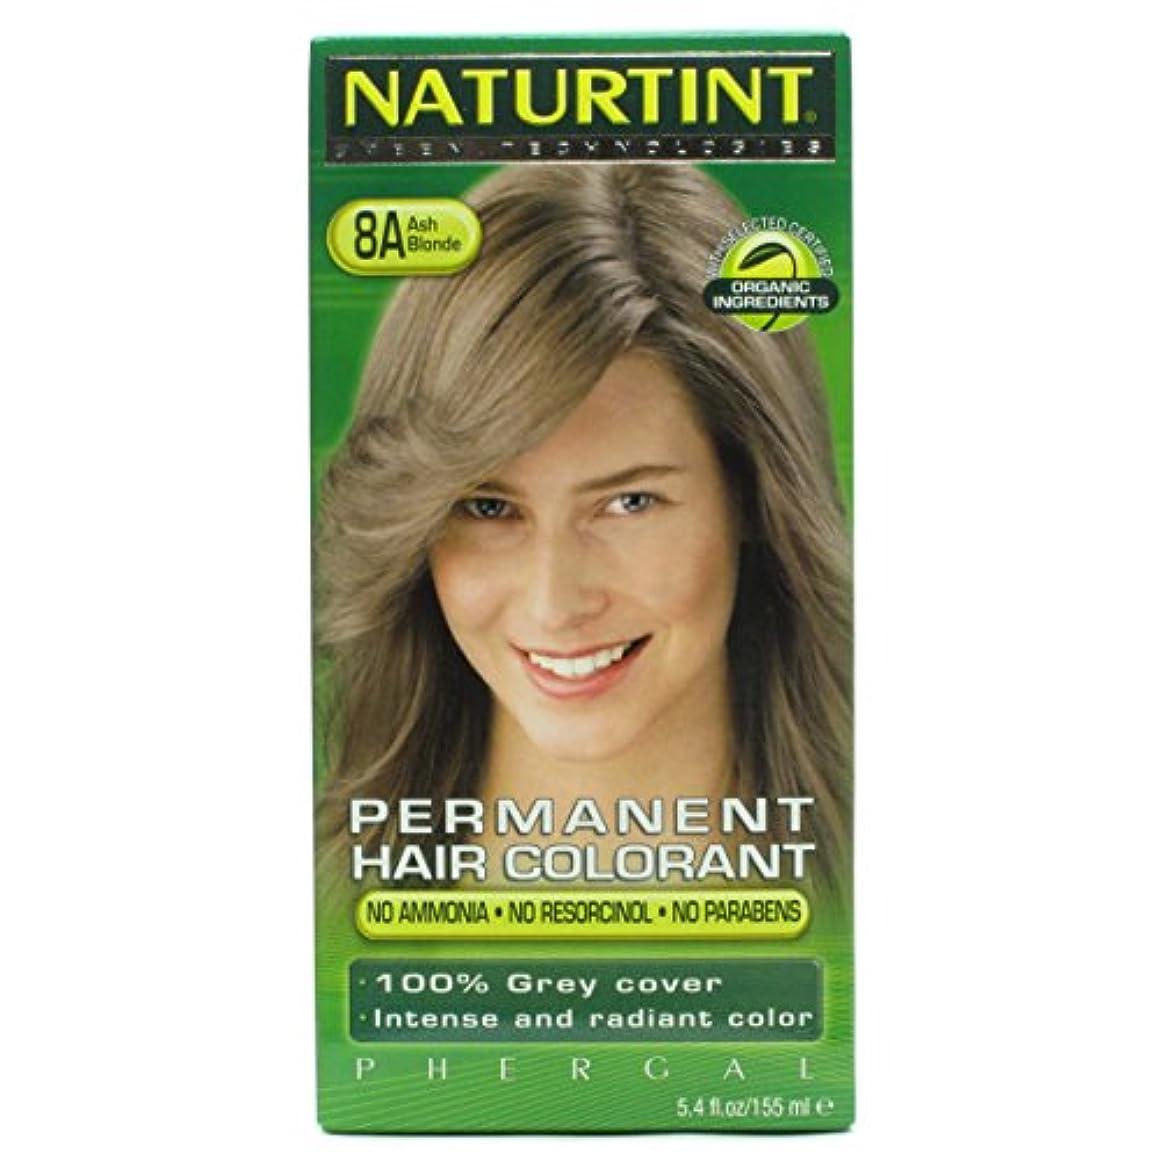 塗抹息子不機嫌Hair Colorant - Permanent 5.98